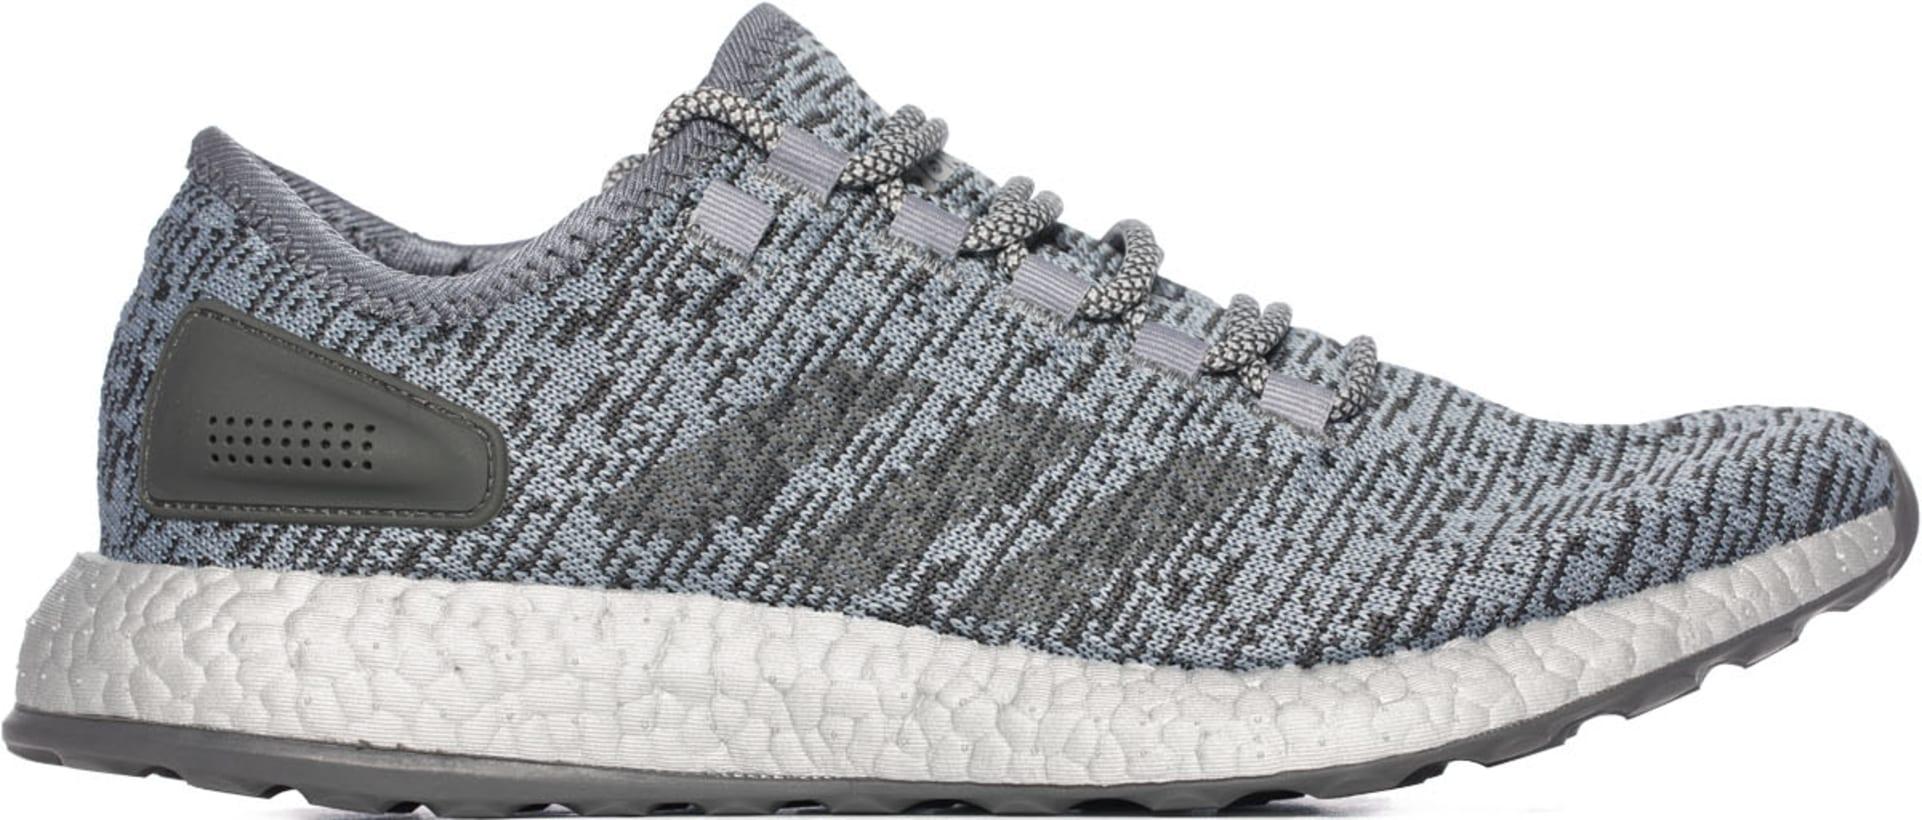 adidas Originals. PureBOOST LTD - Grey Dark Grey Heather Solid Grey Clear  Grey 12f83d8e6